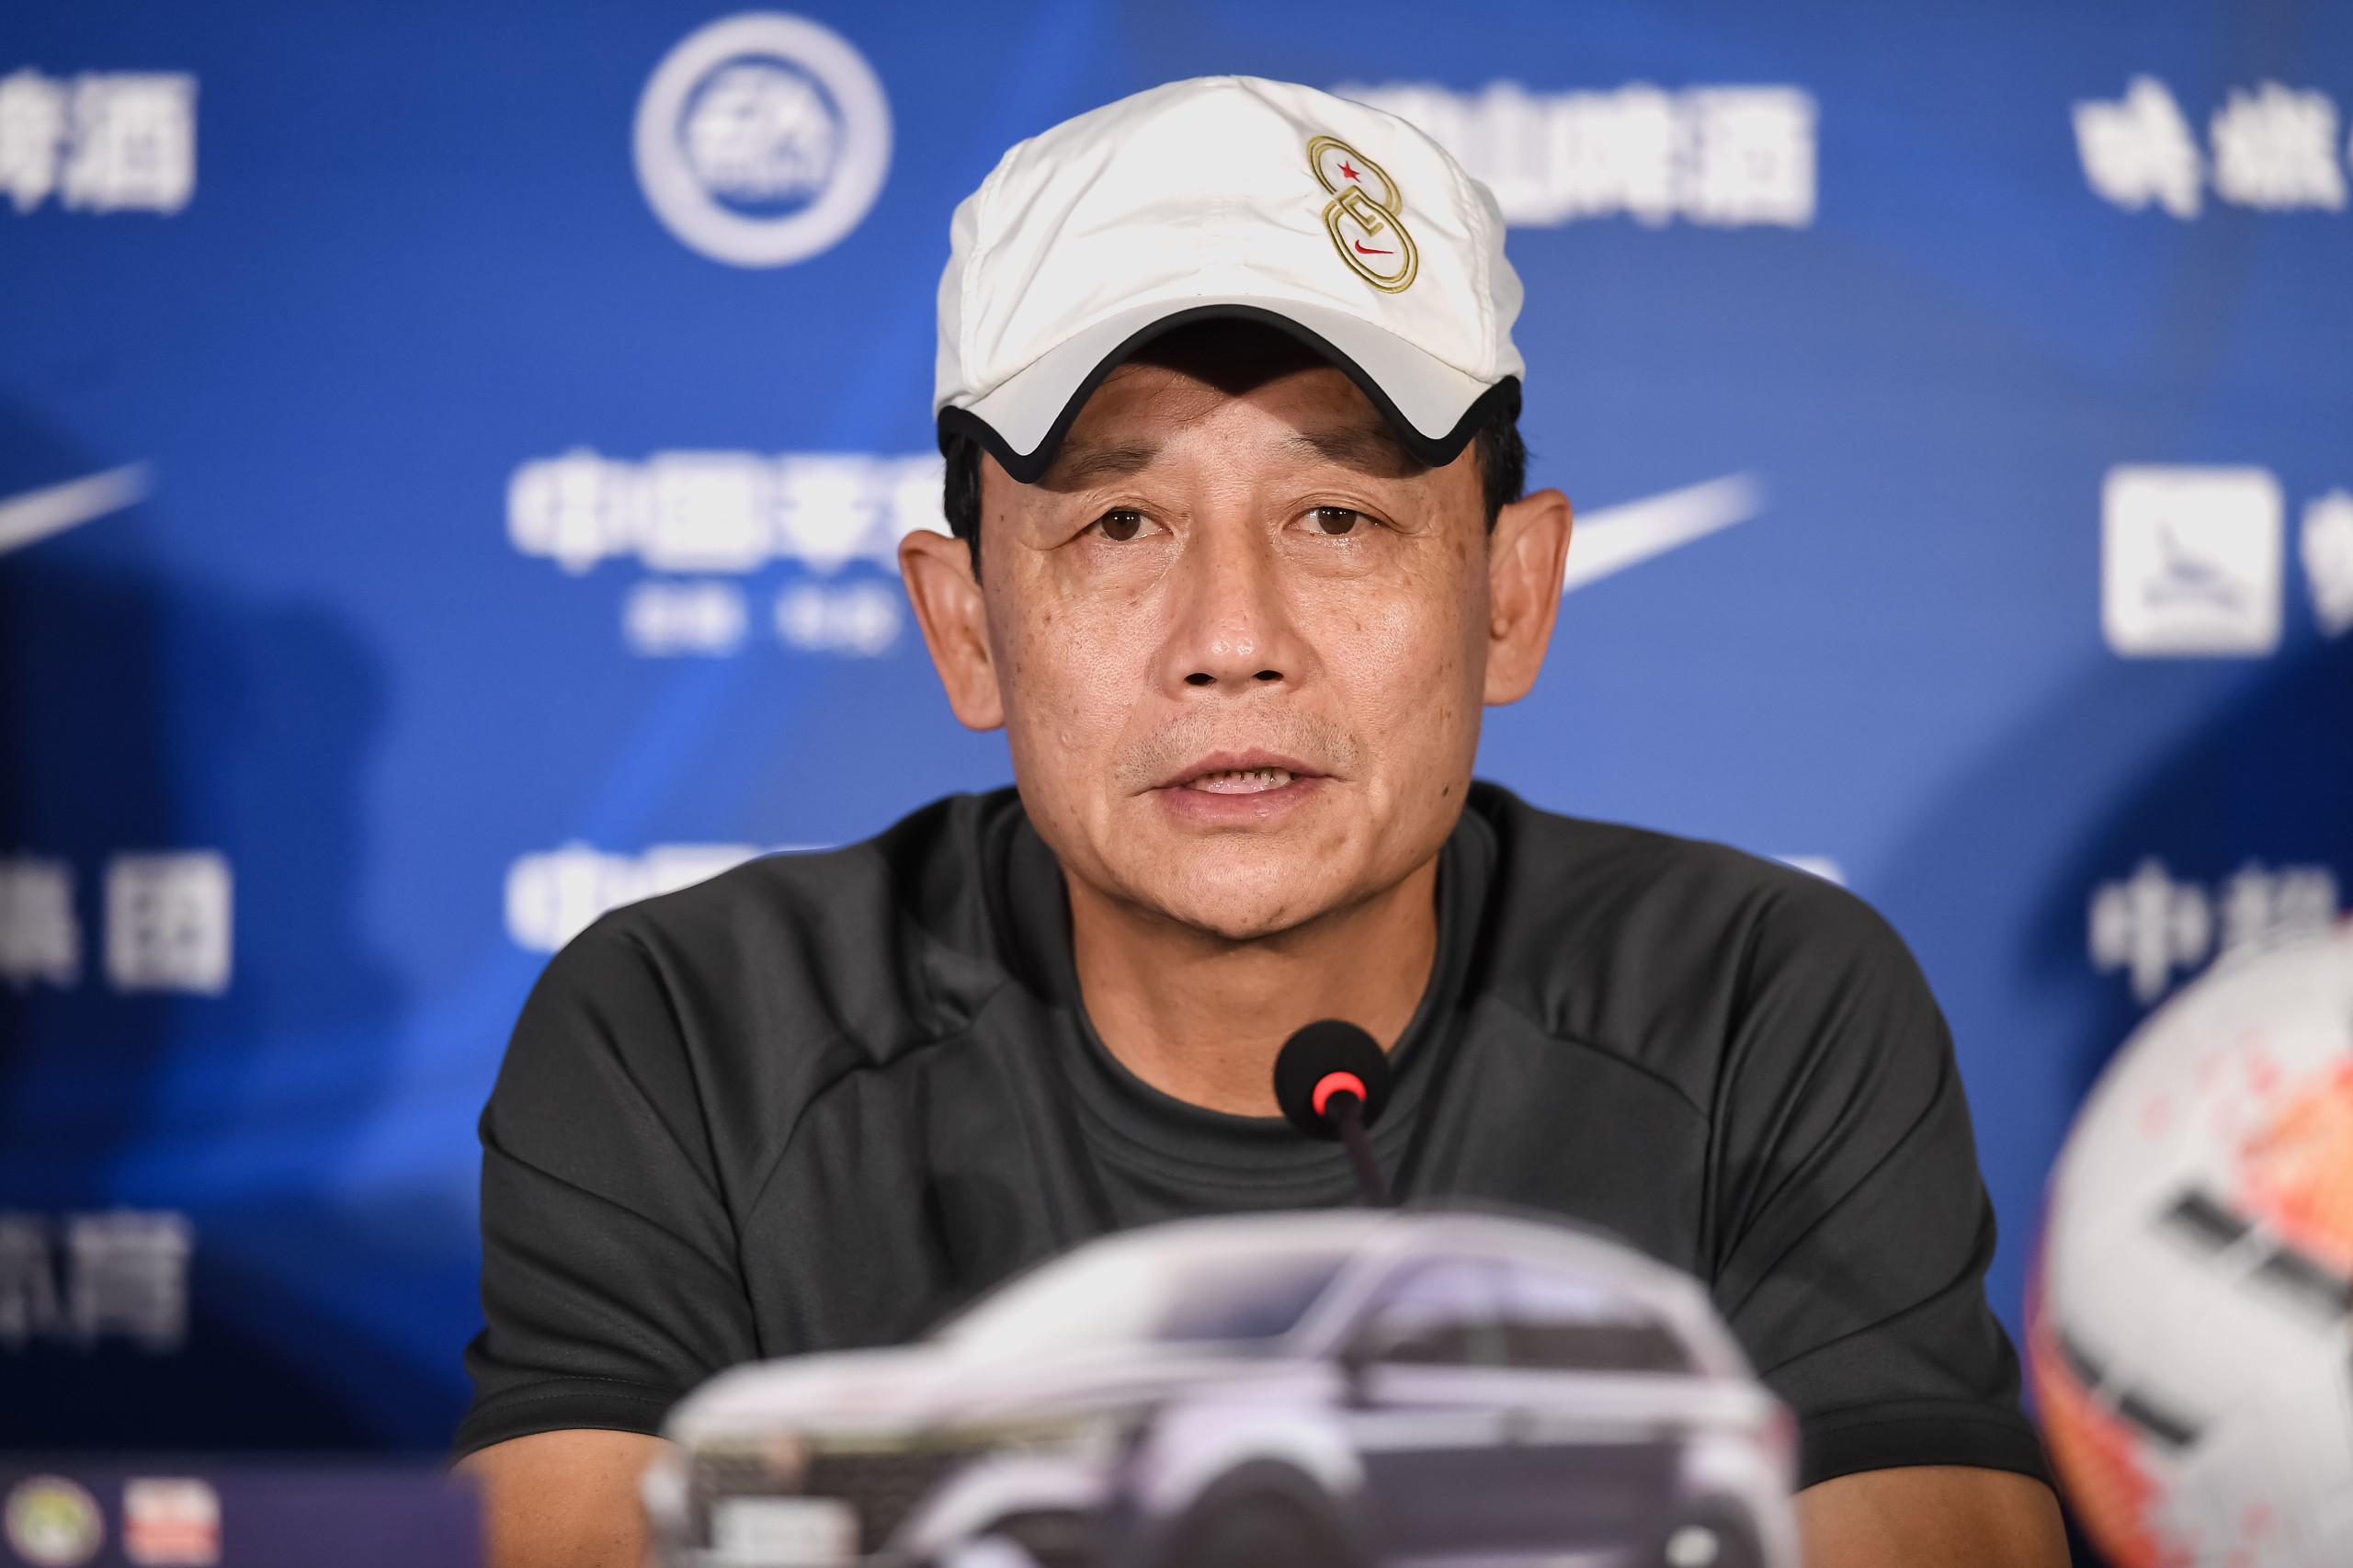 王宝山:一直不胜教练肯定有压力,相信离取胜不远了